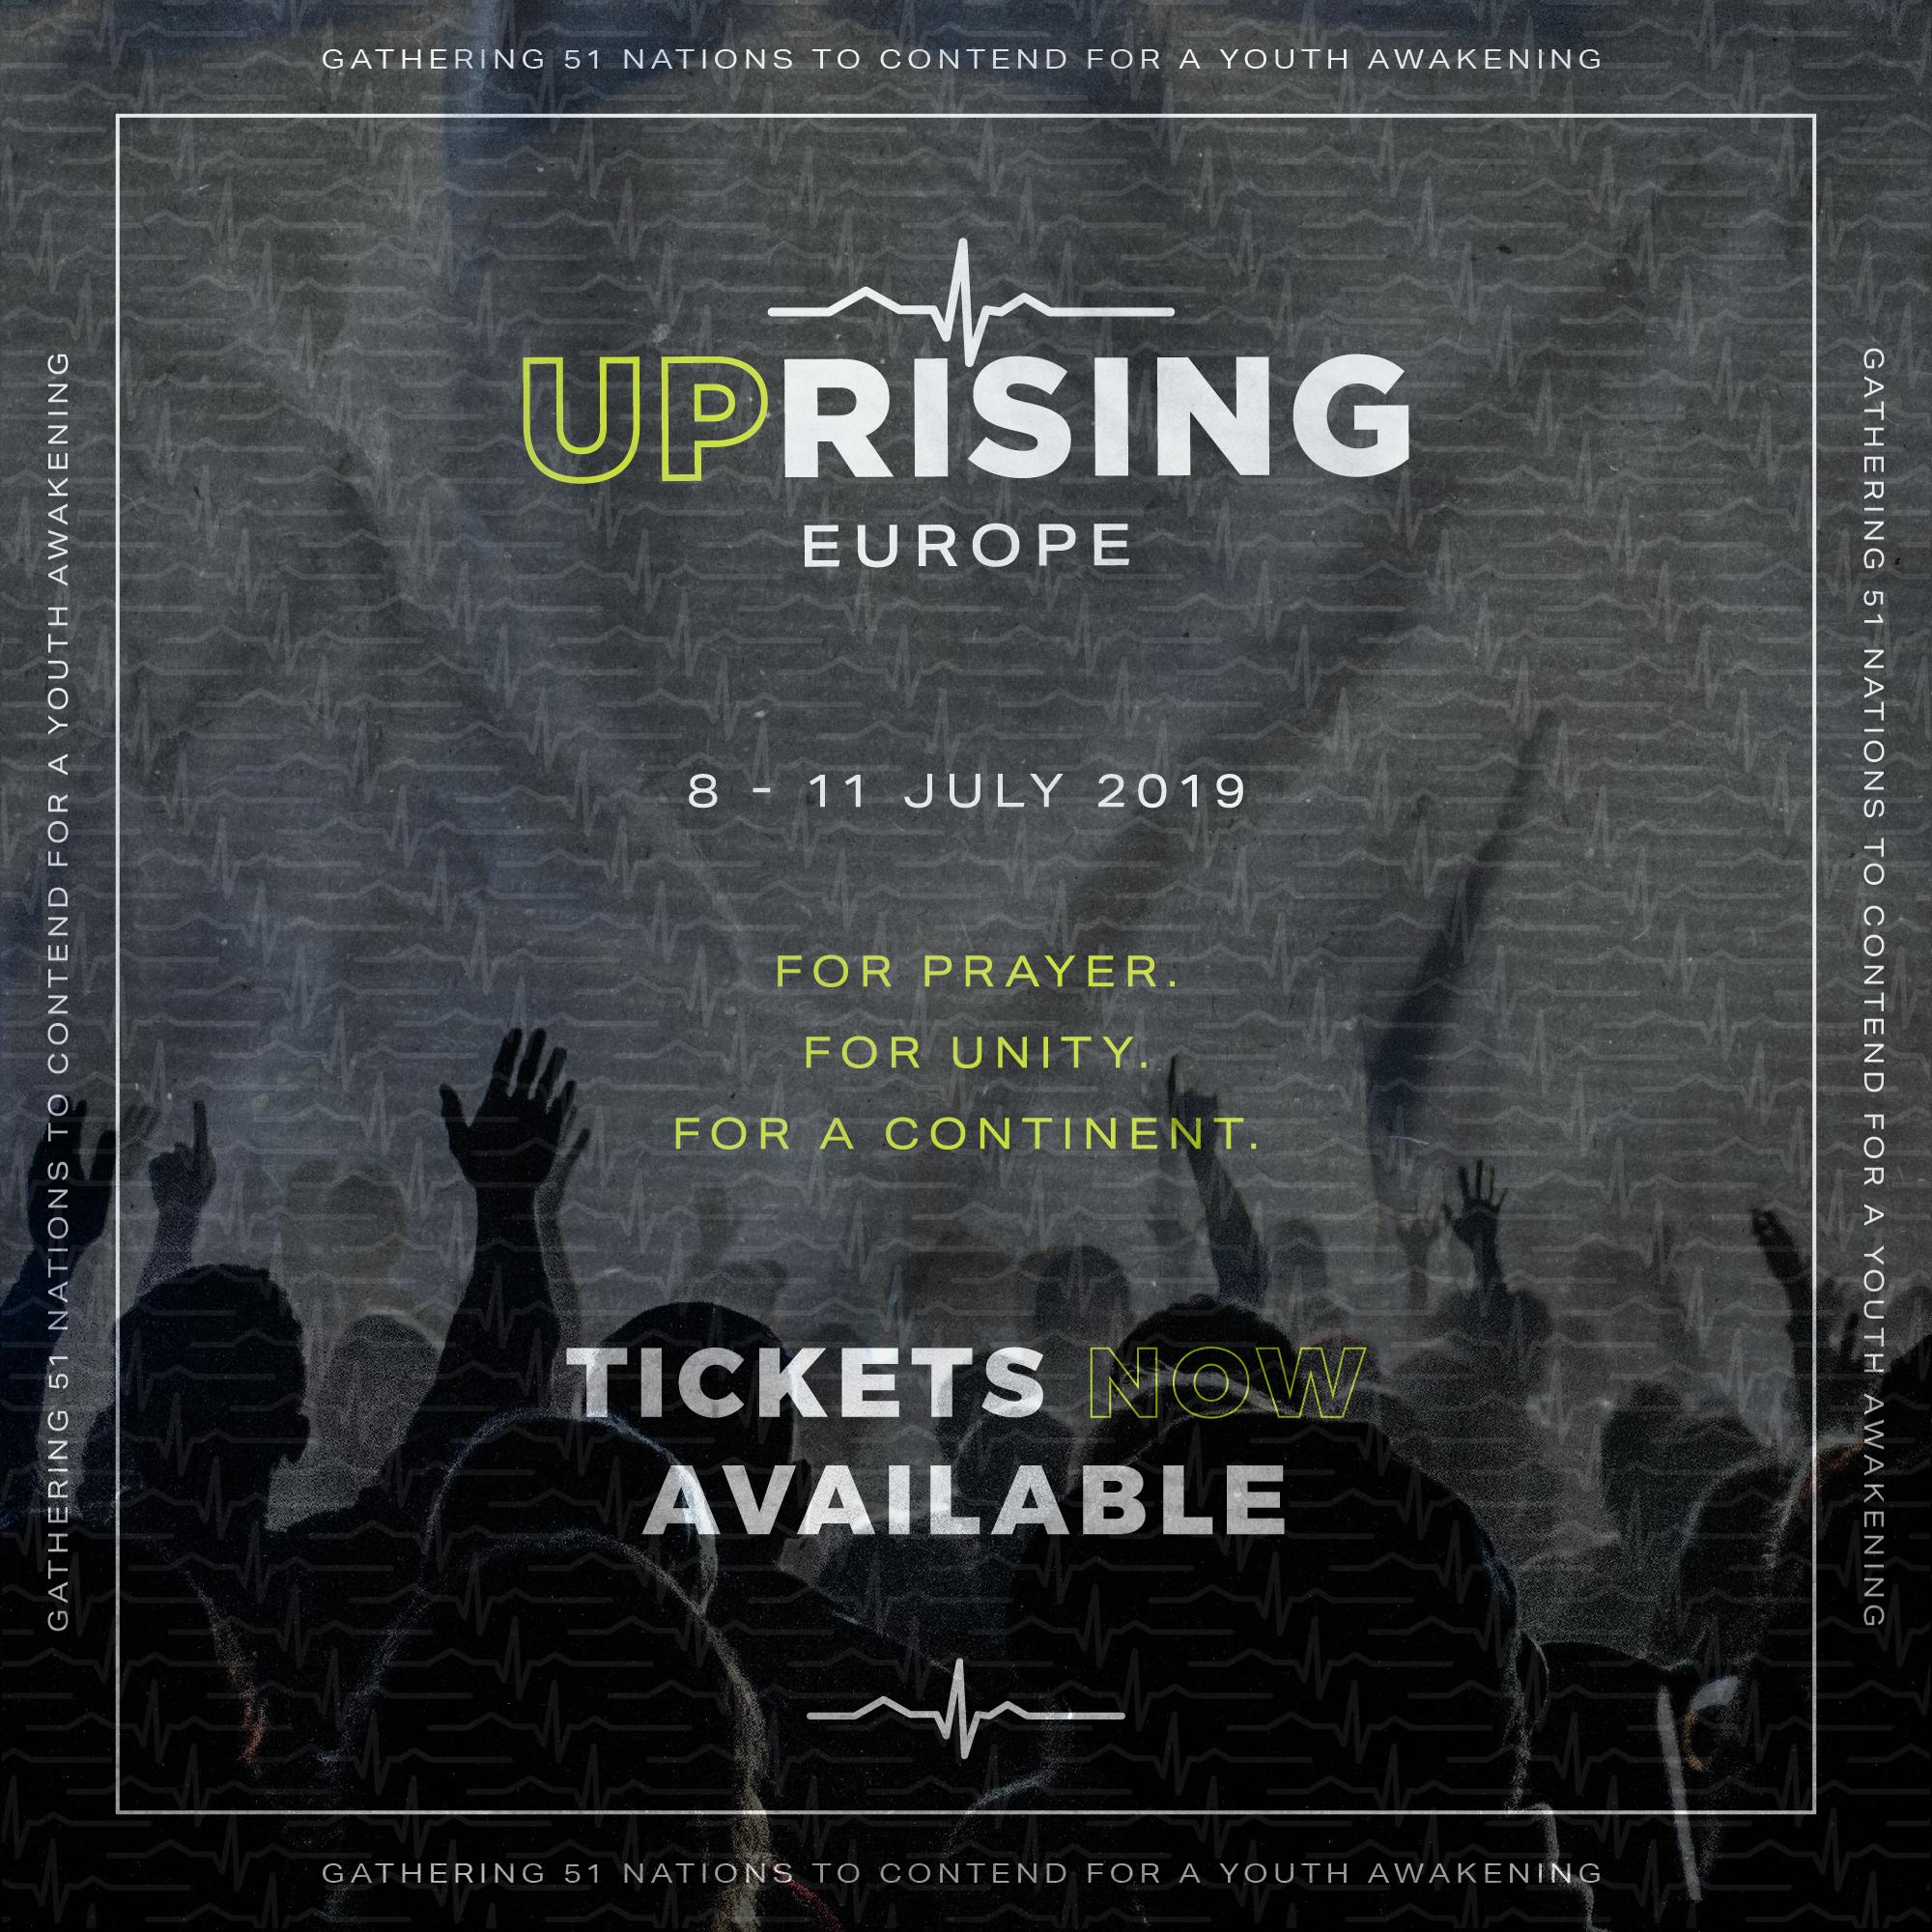 Uprising Europe 2019